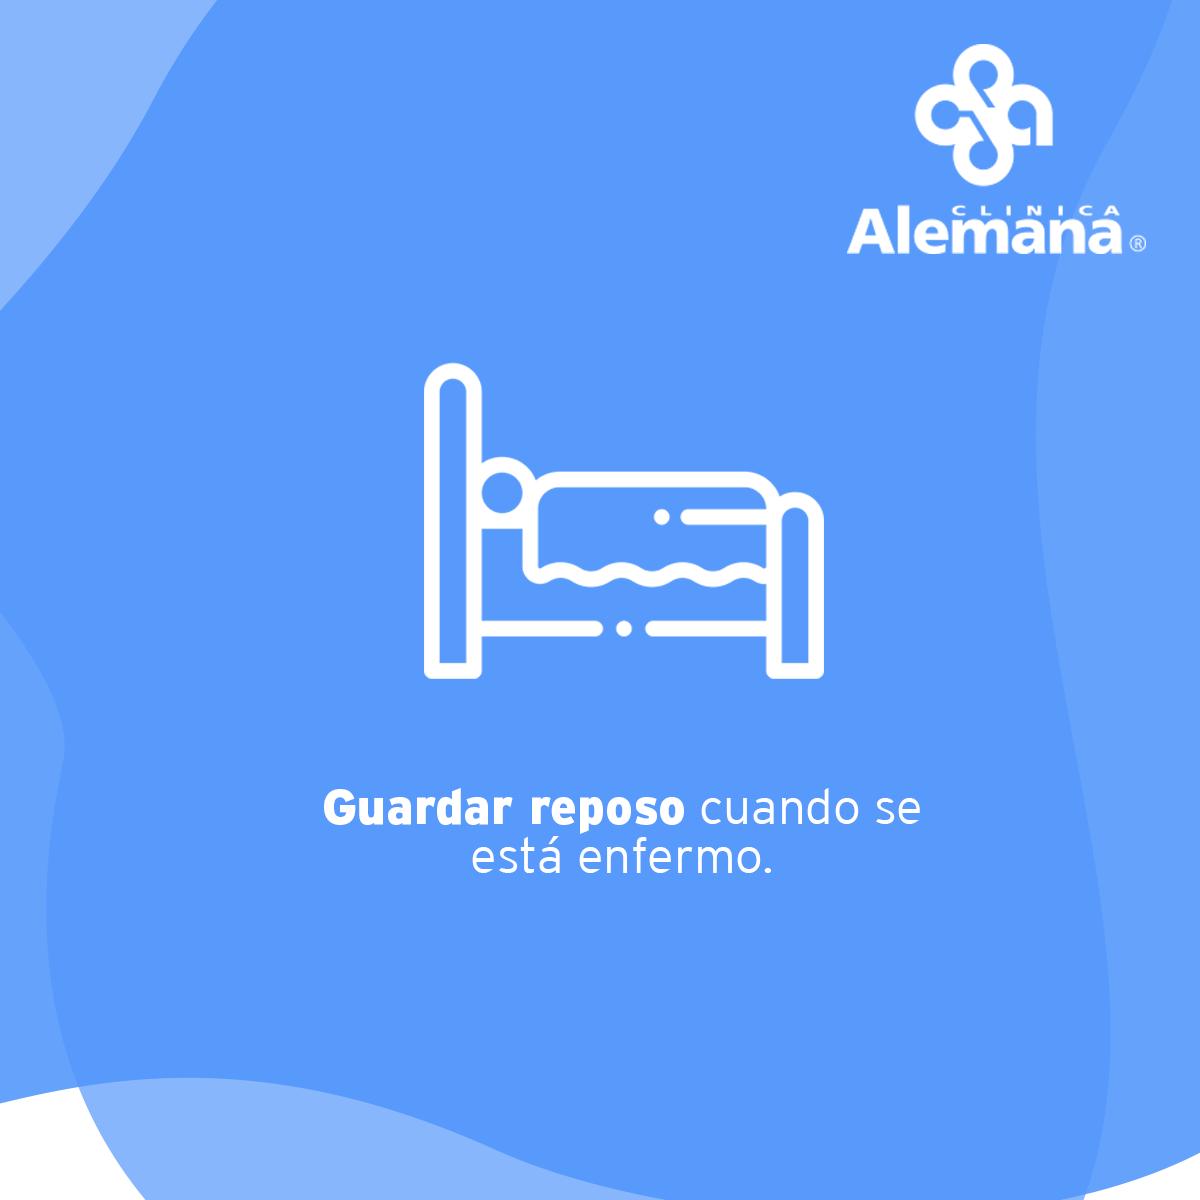 Icono de persona acostada en una cama